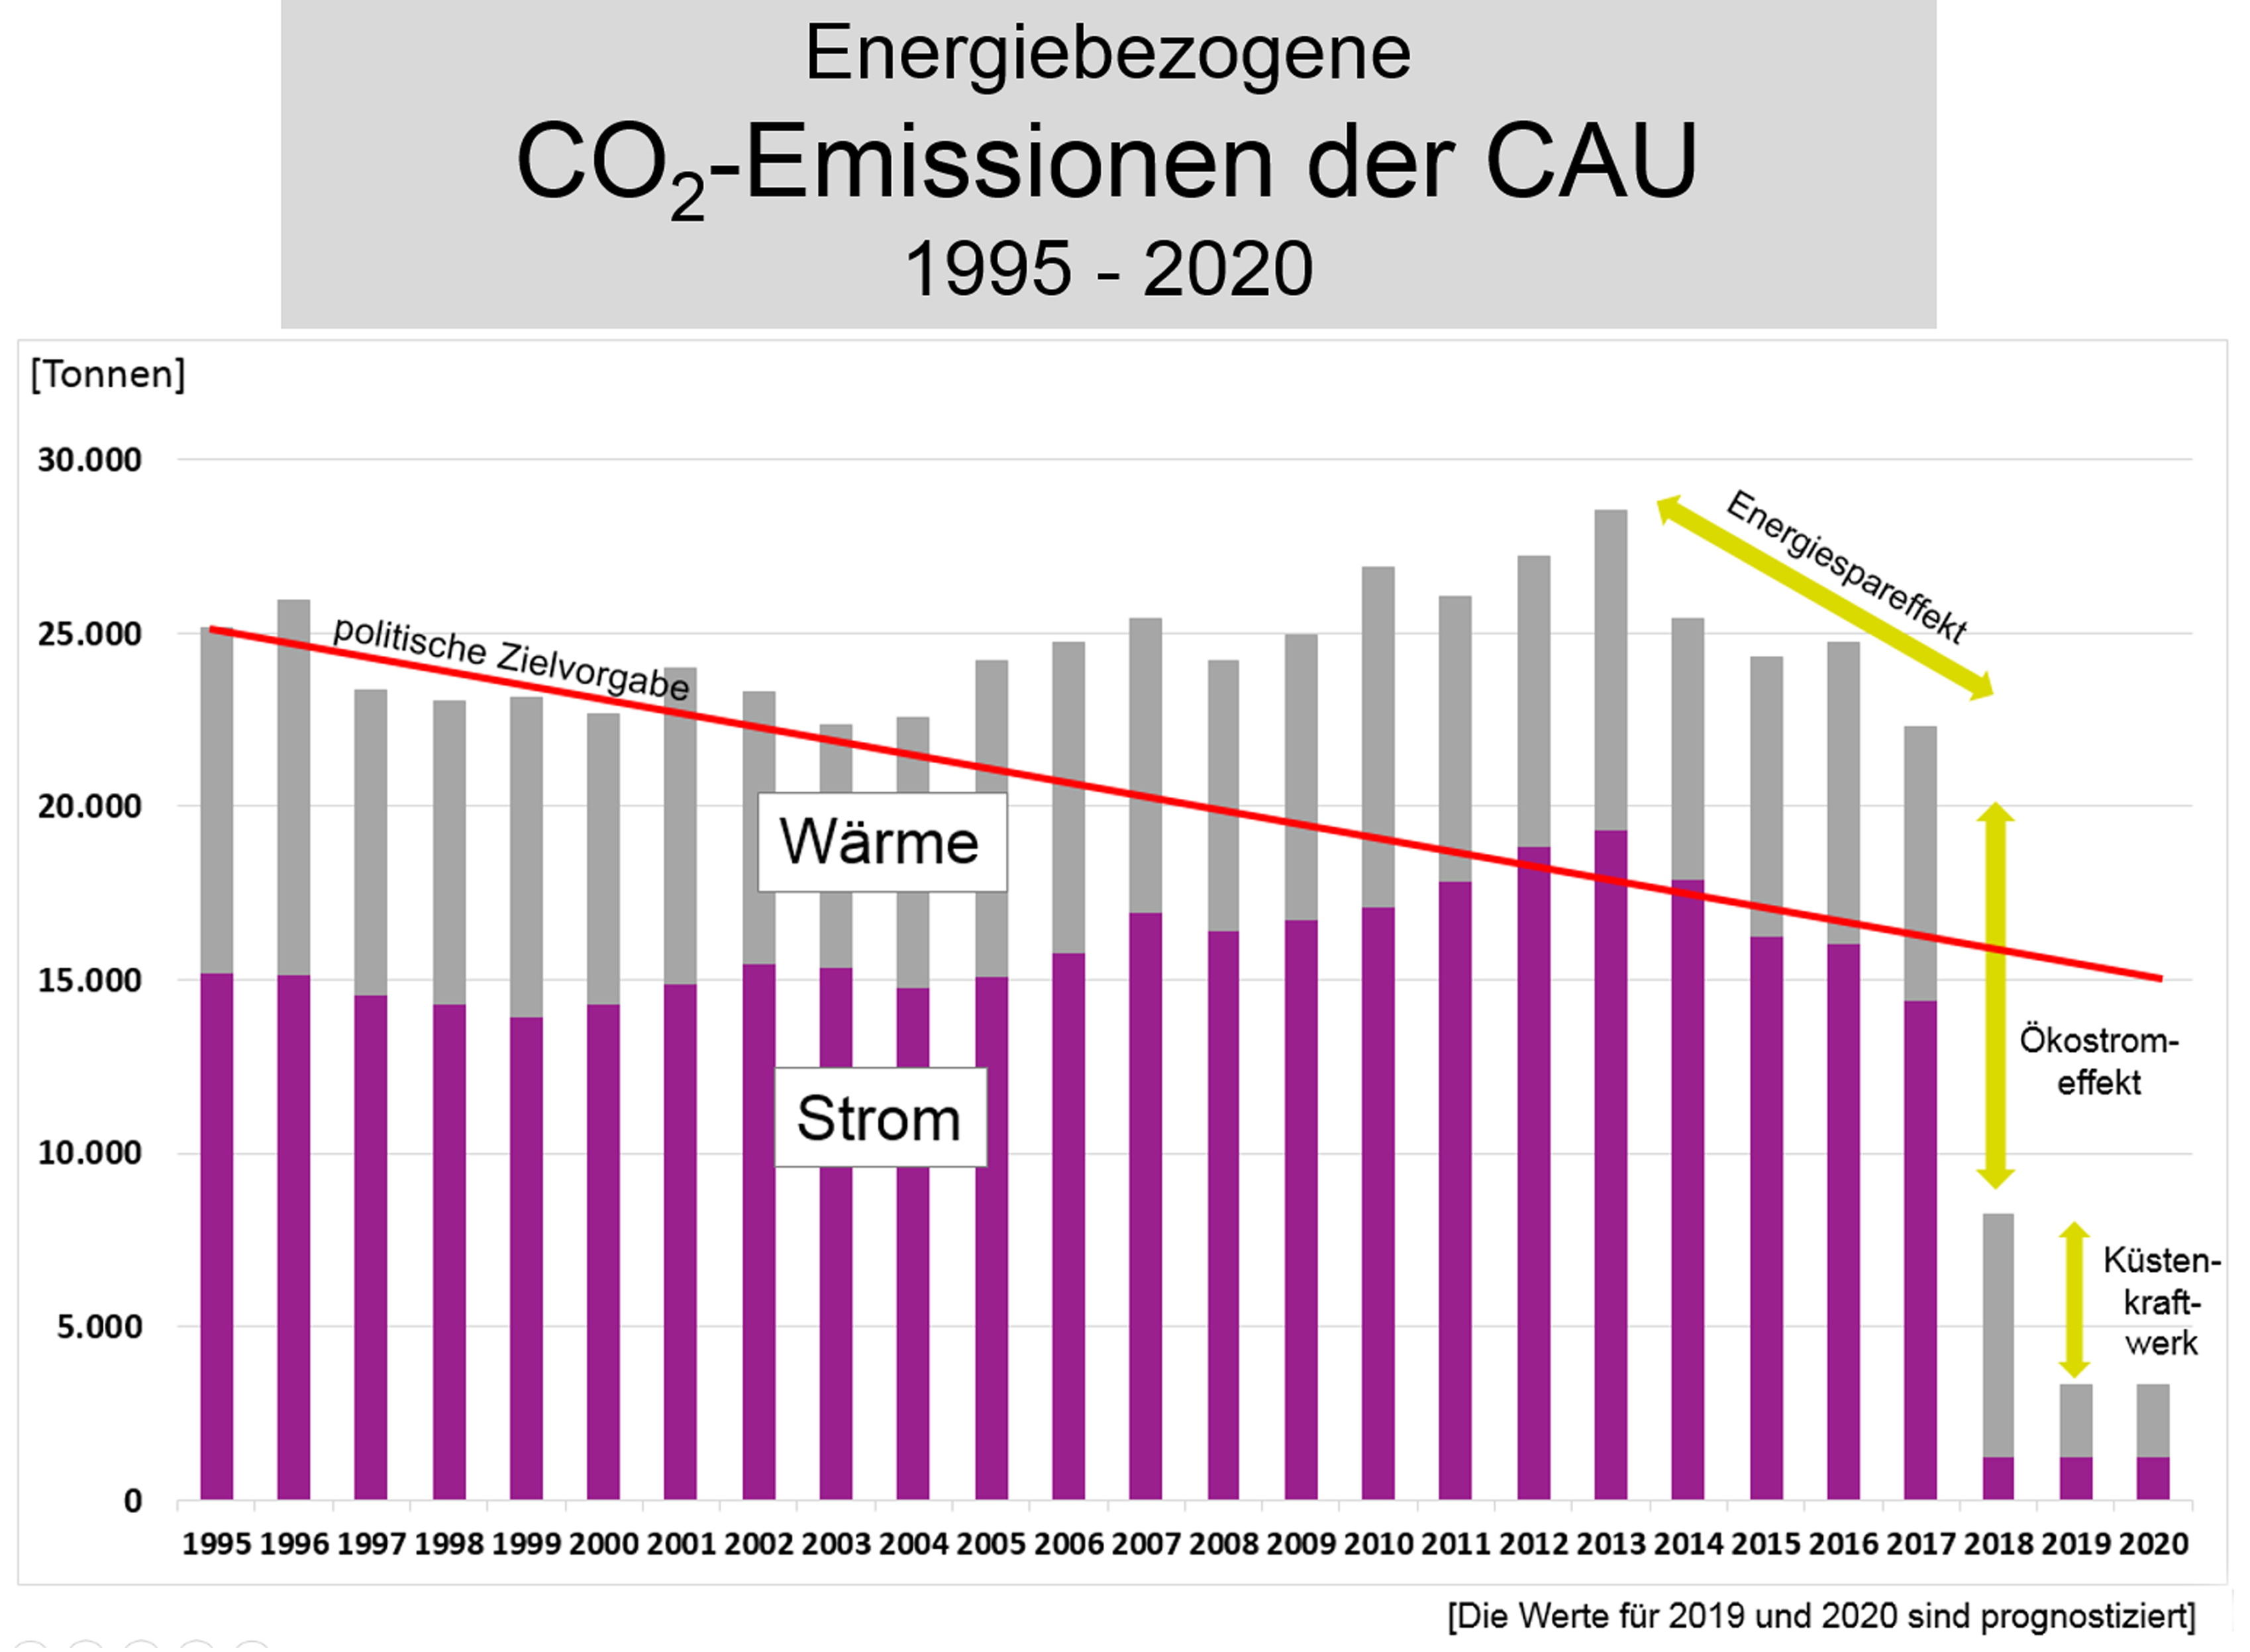 Klimaschutzeffekt